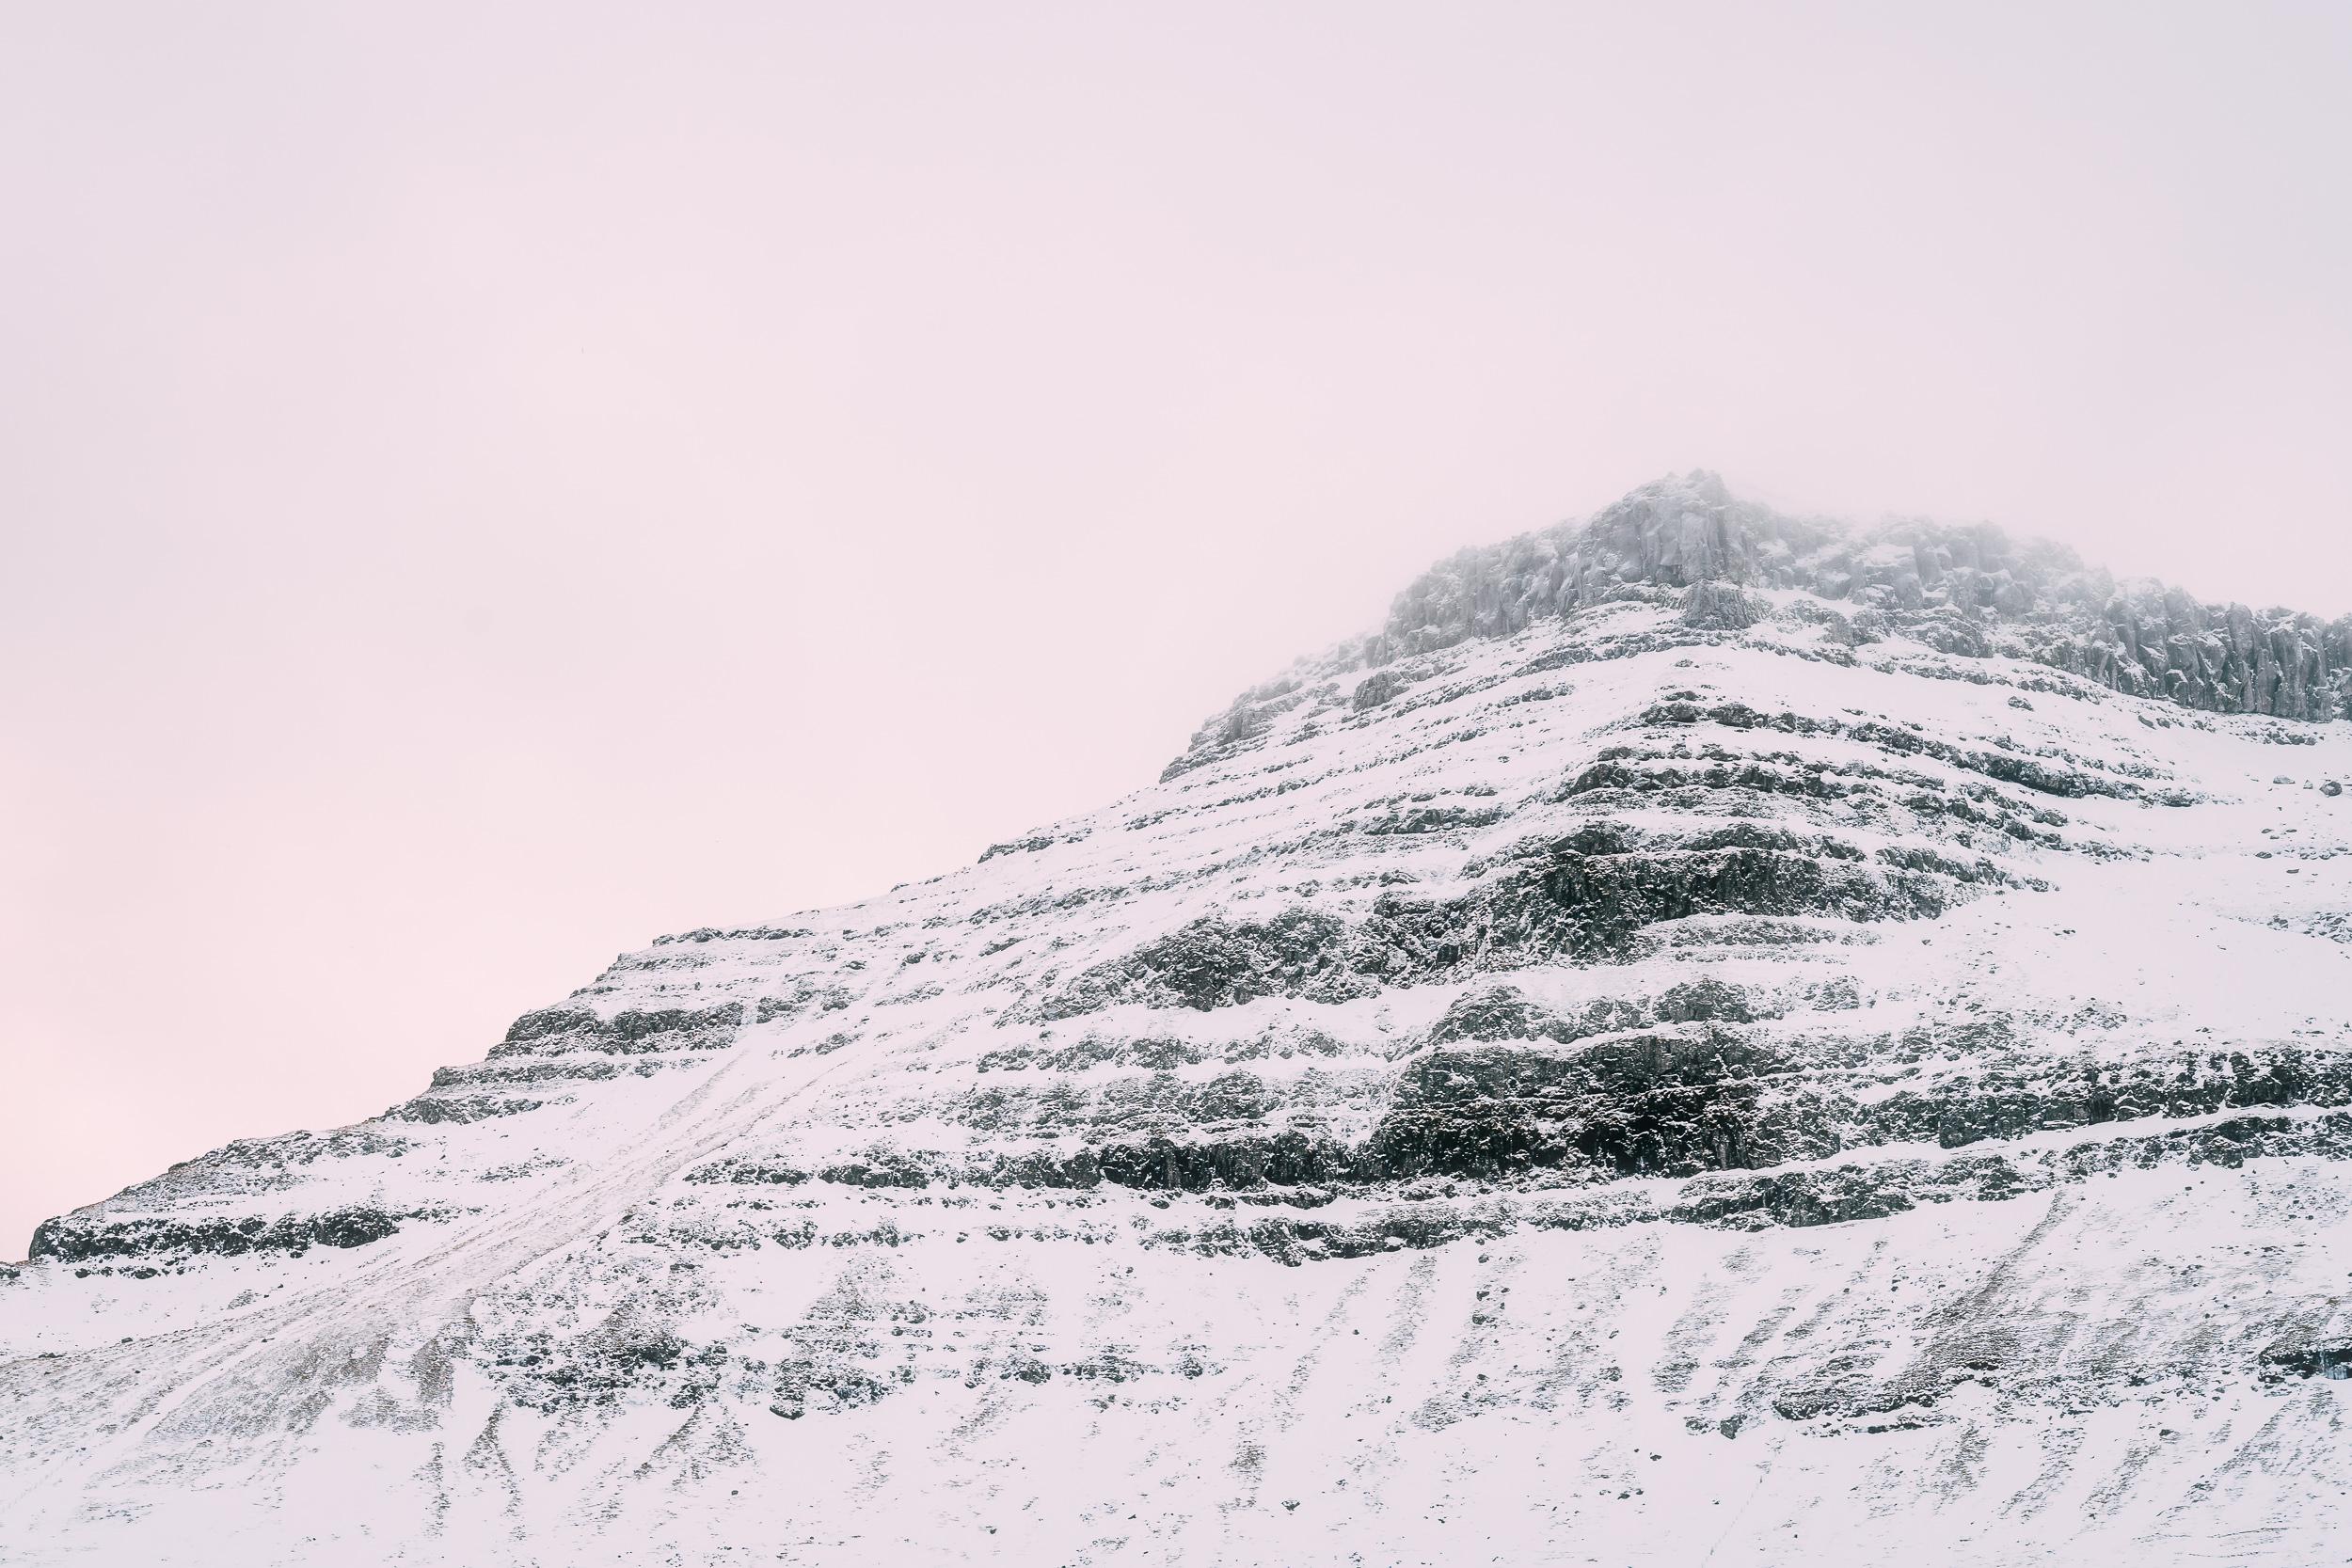 2019.02.04_Faroe_Kalsoy_Hike-8026-Edit.jpg